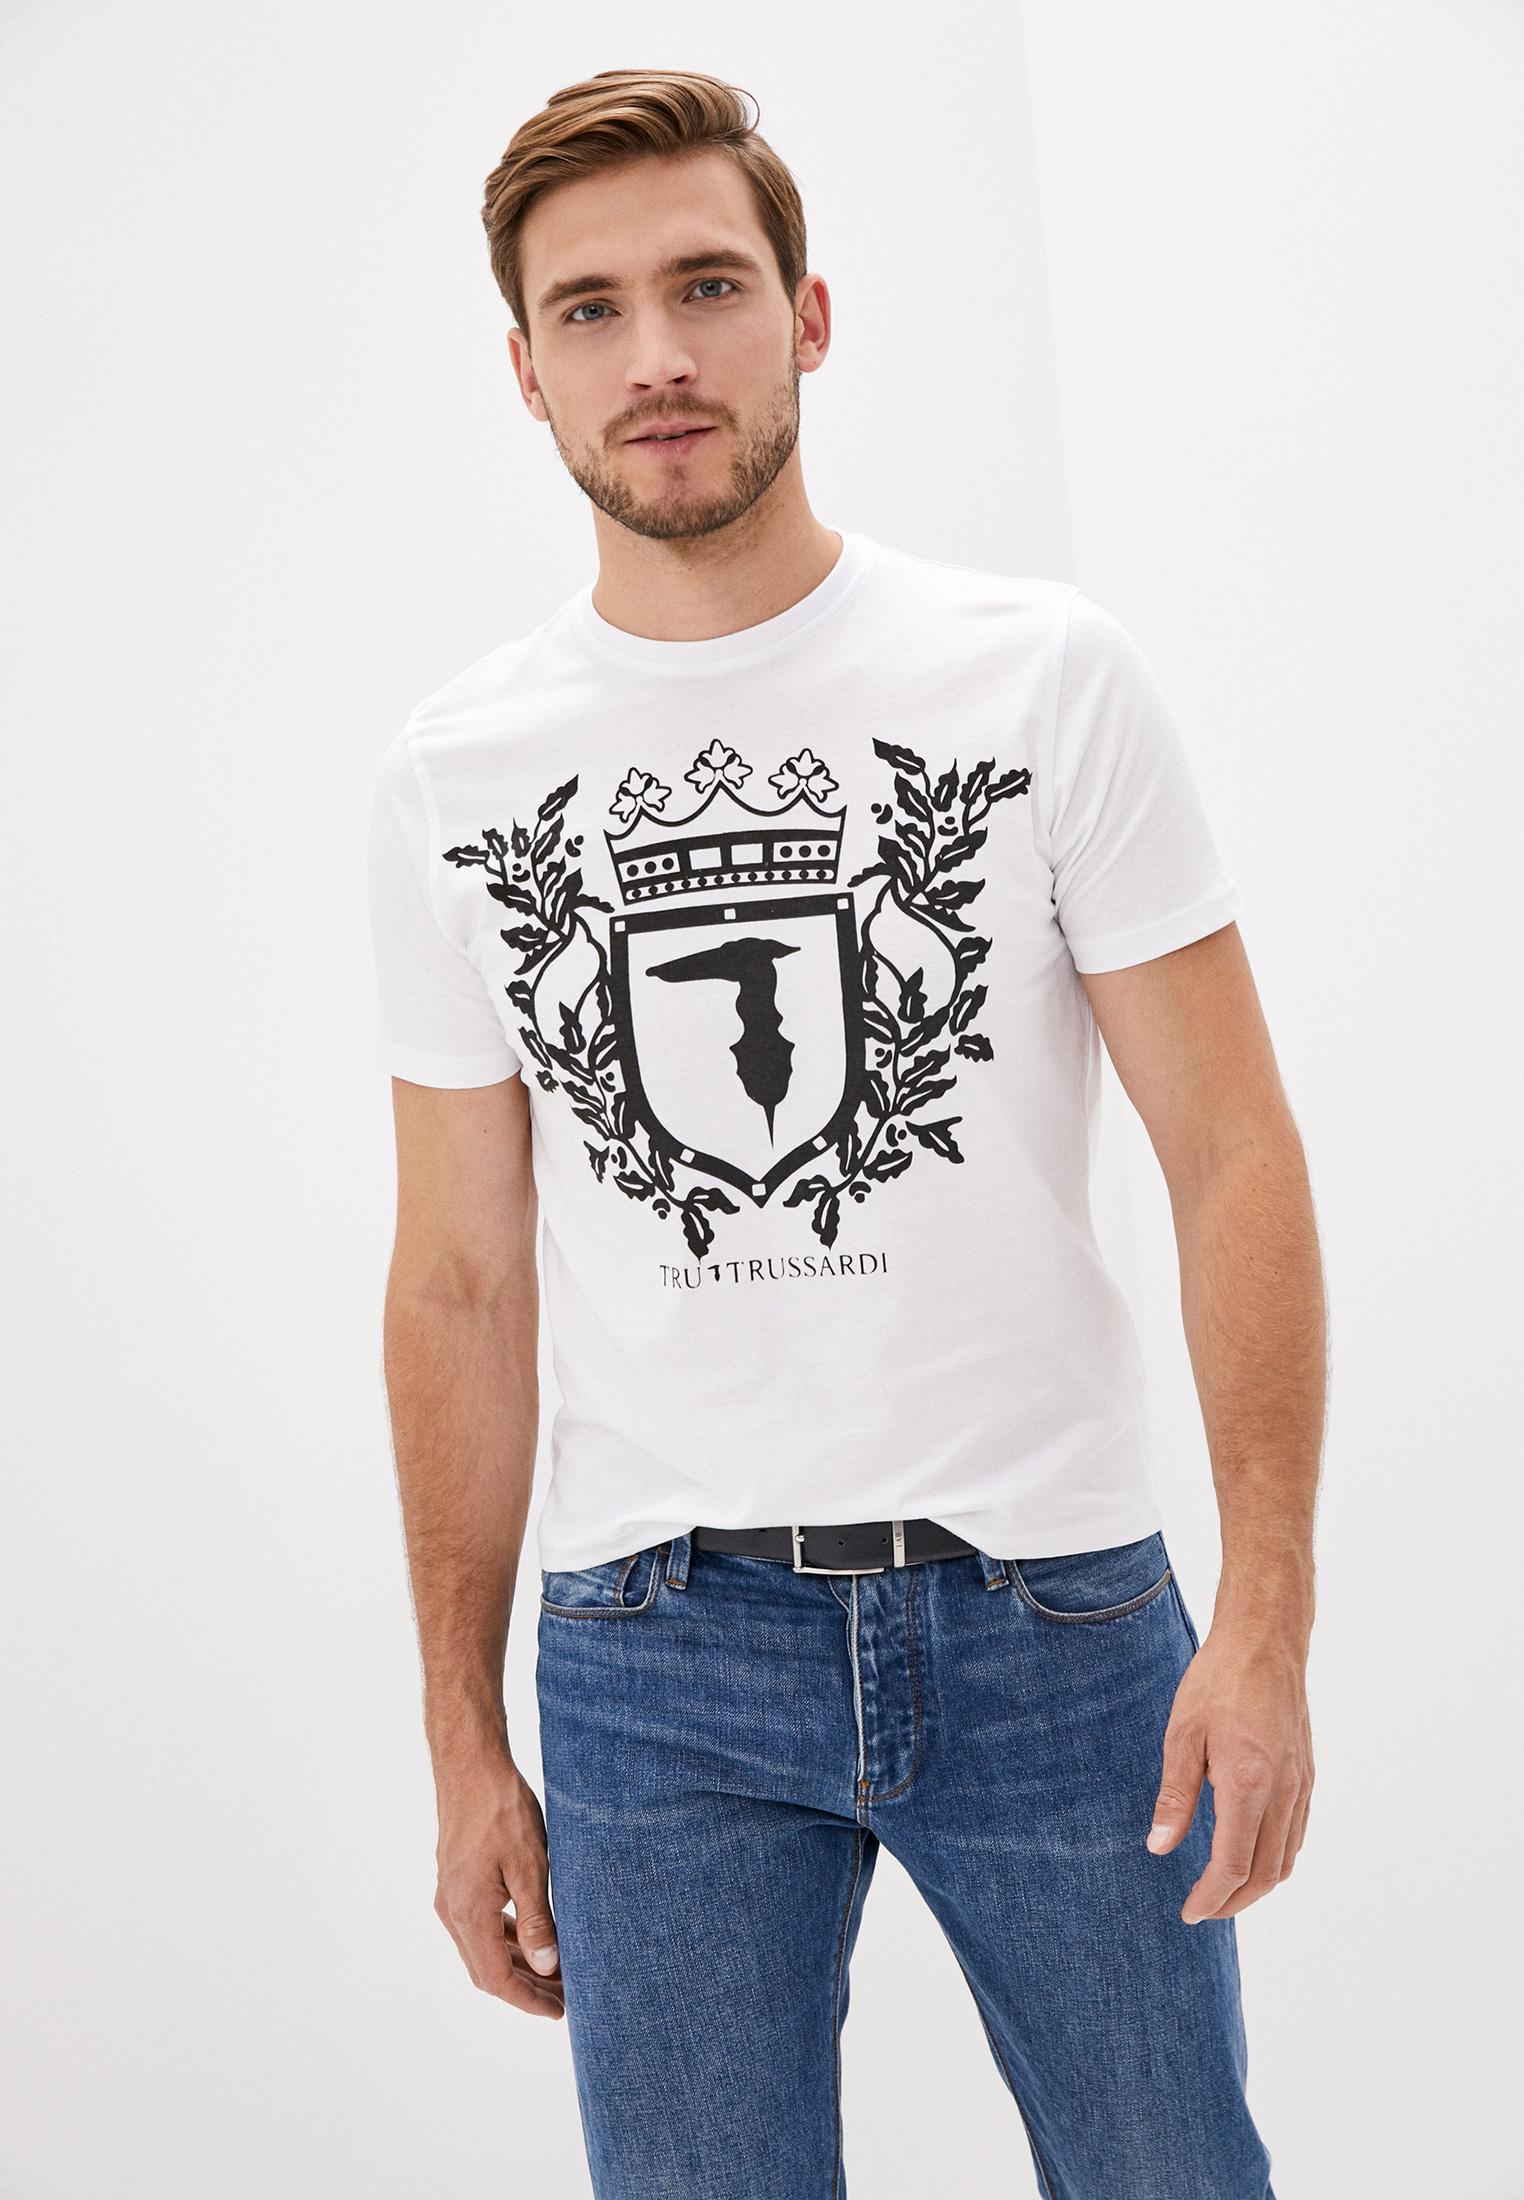 Мужская футболка Tru Trussardi (Тру Труссарди) 32T001561T004448W001